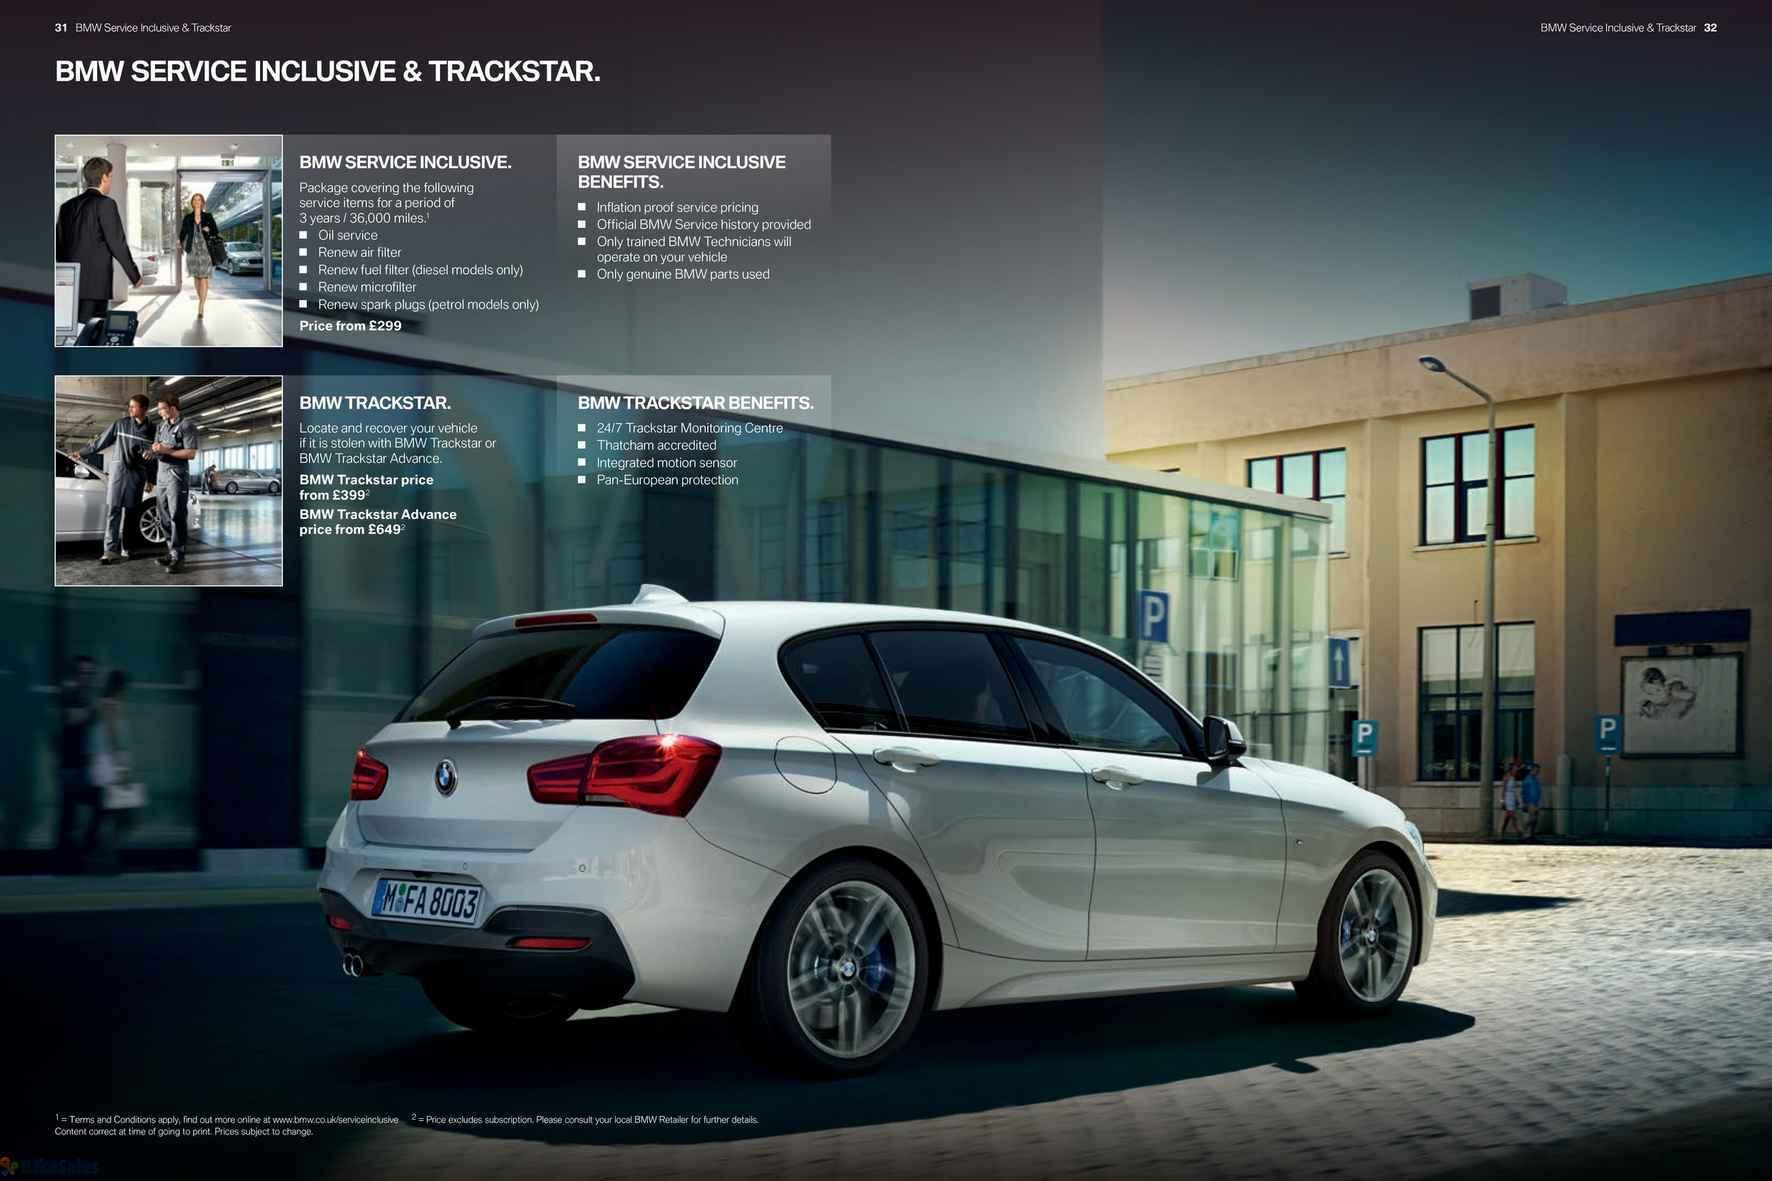 BMW BMW Series Door Sports Hatch Price List Leaflet BMW - Bmw 1 series 3 door price